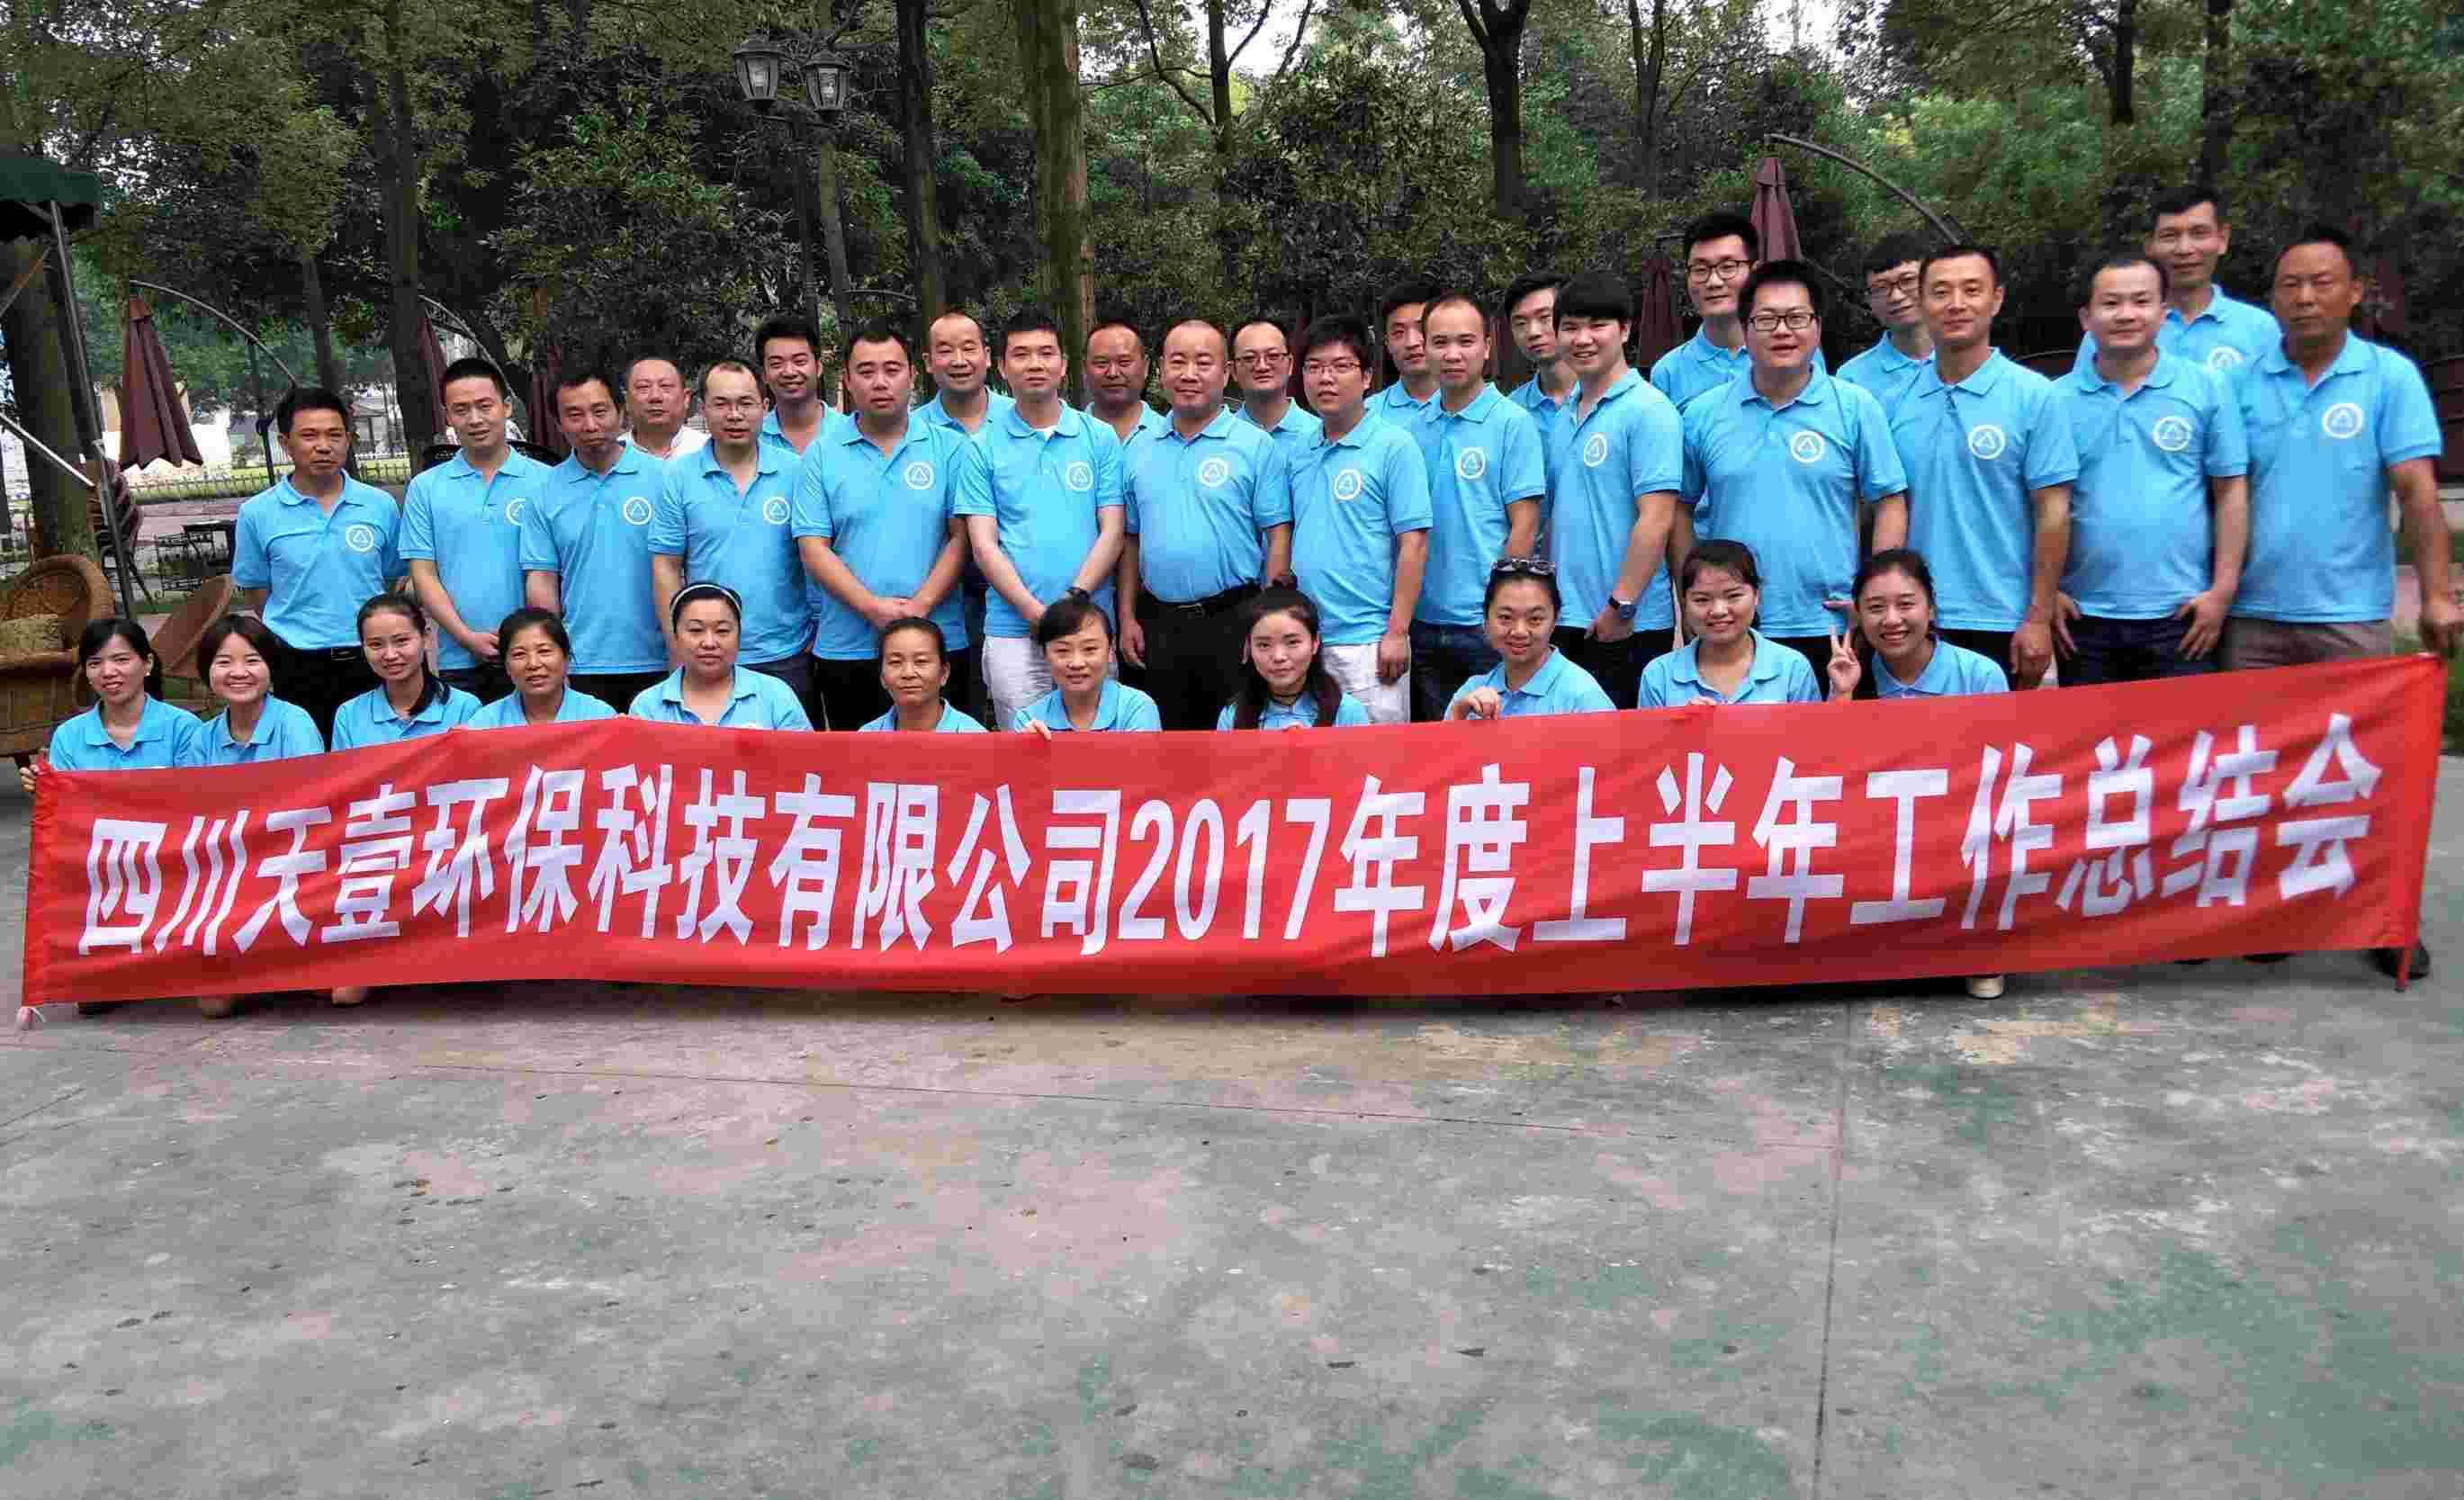 天壹集团2017年度上半年工作总结会